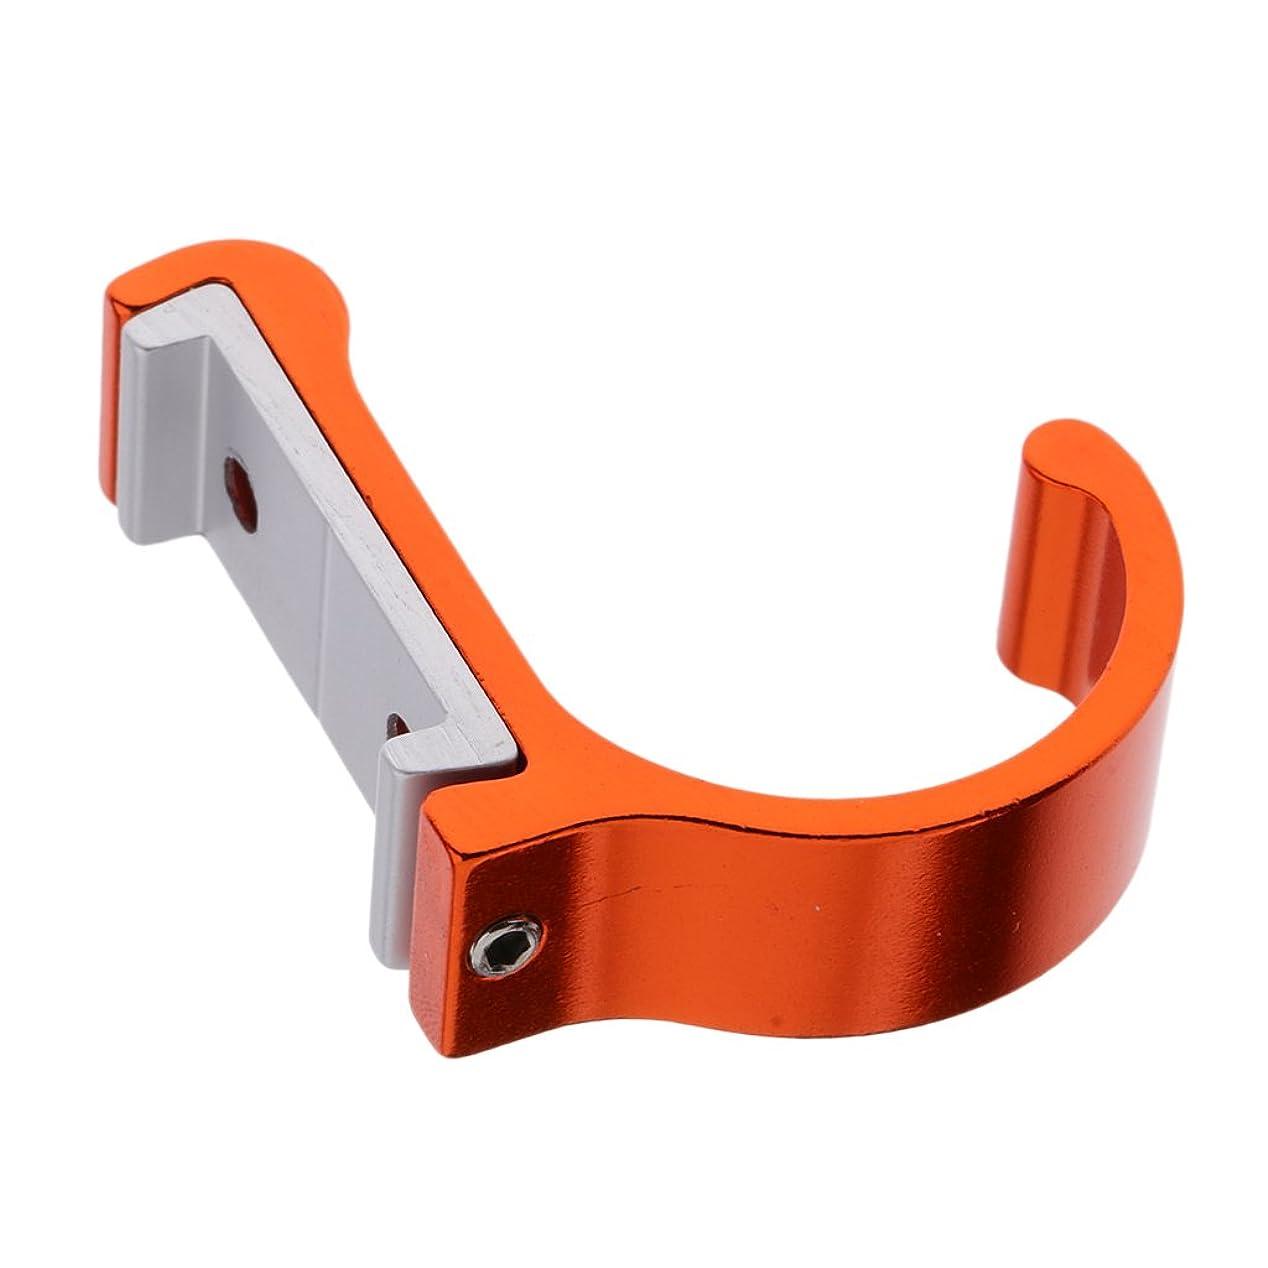 過度に対角線仕えるハットフック ドア 壁掛け ネジ付き ハンガー シングルフック 空間節約 全10色 - オレンジ